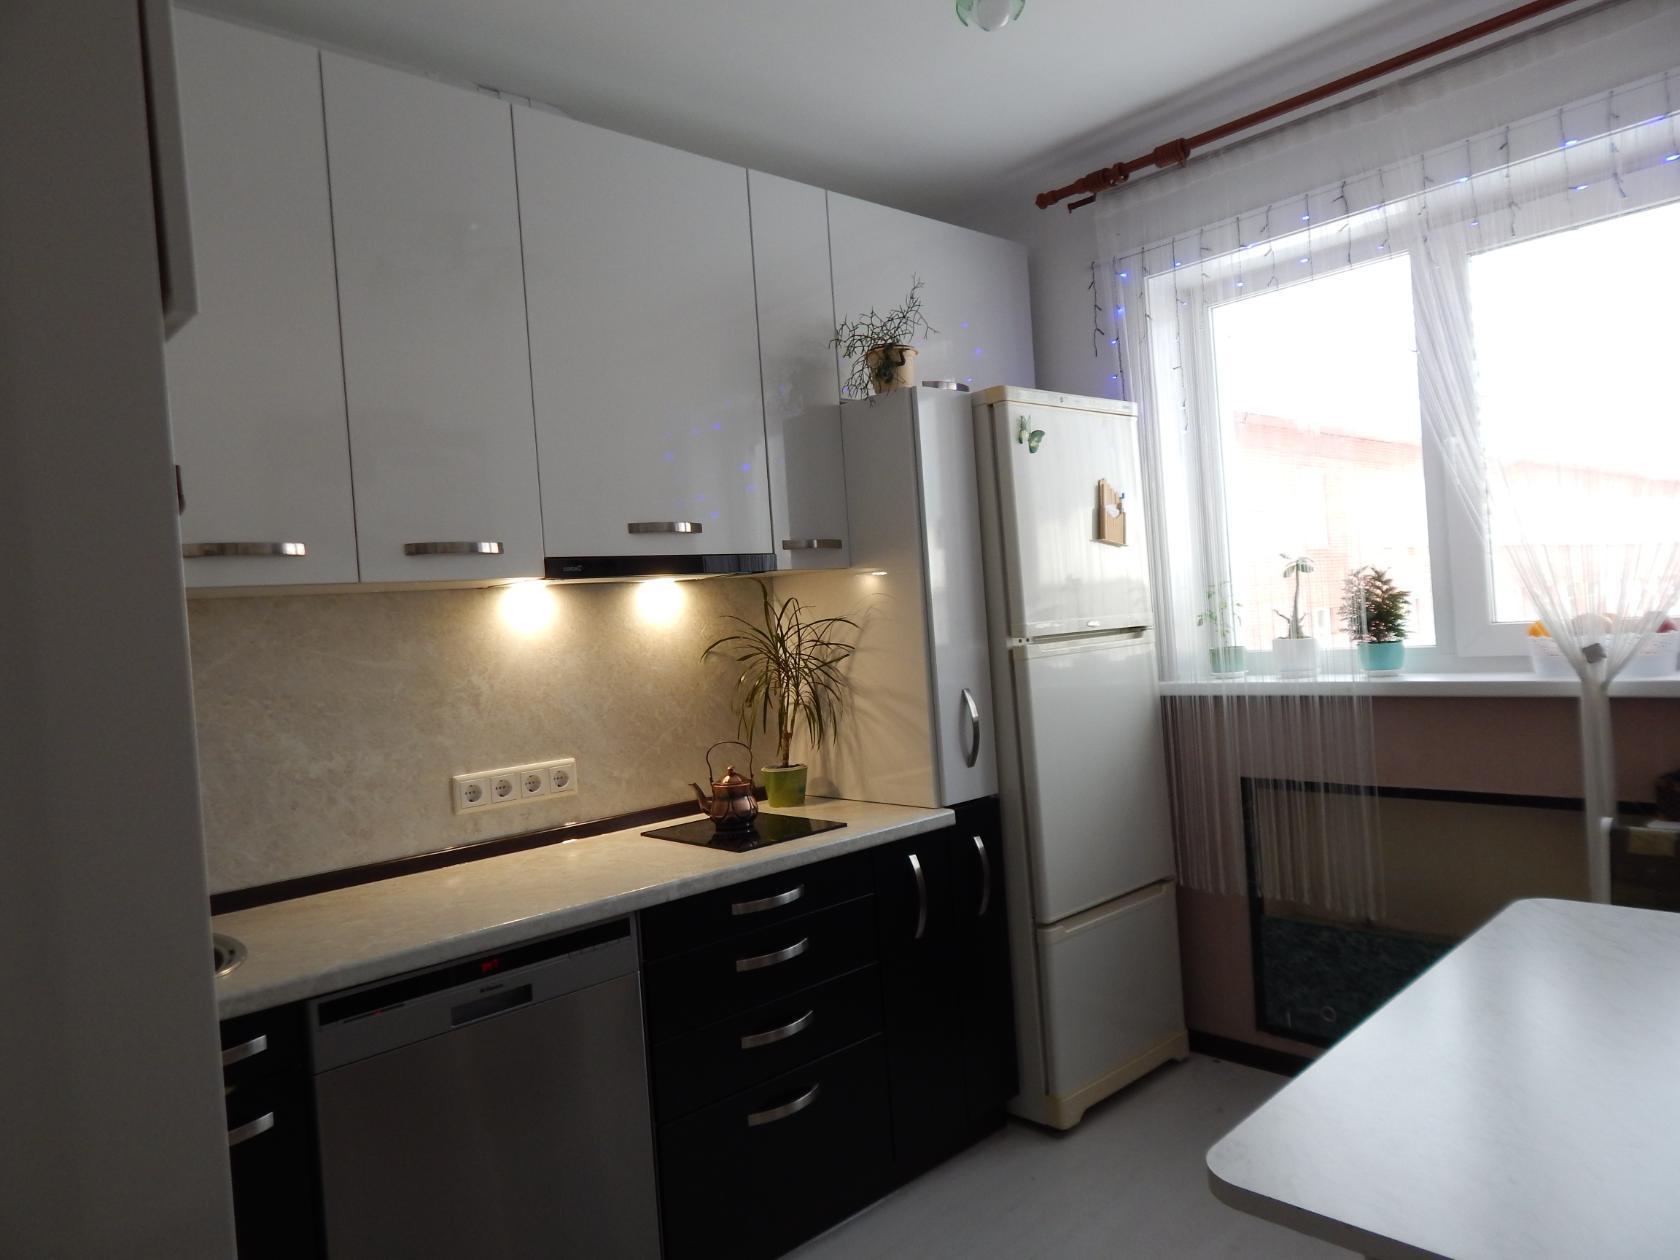 Шторы на окно в кухне модерн фото умеют подолгу